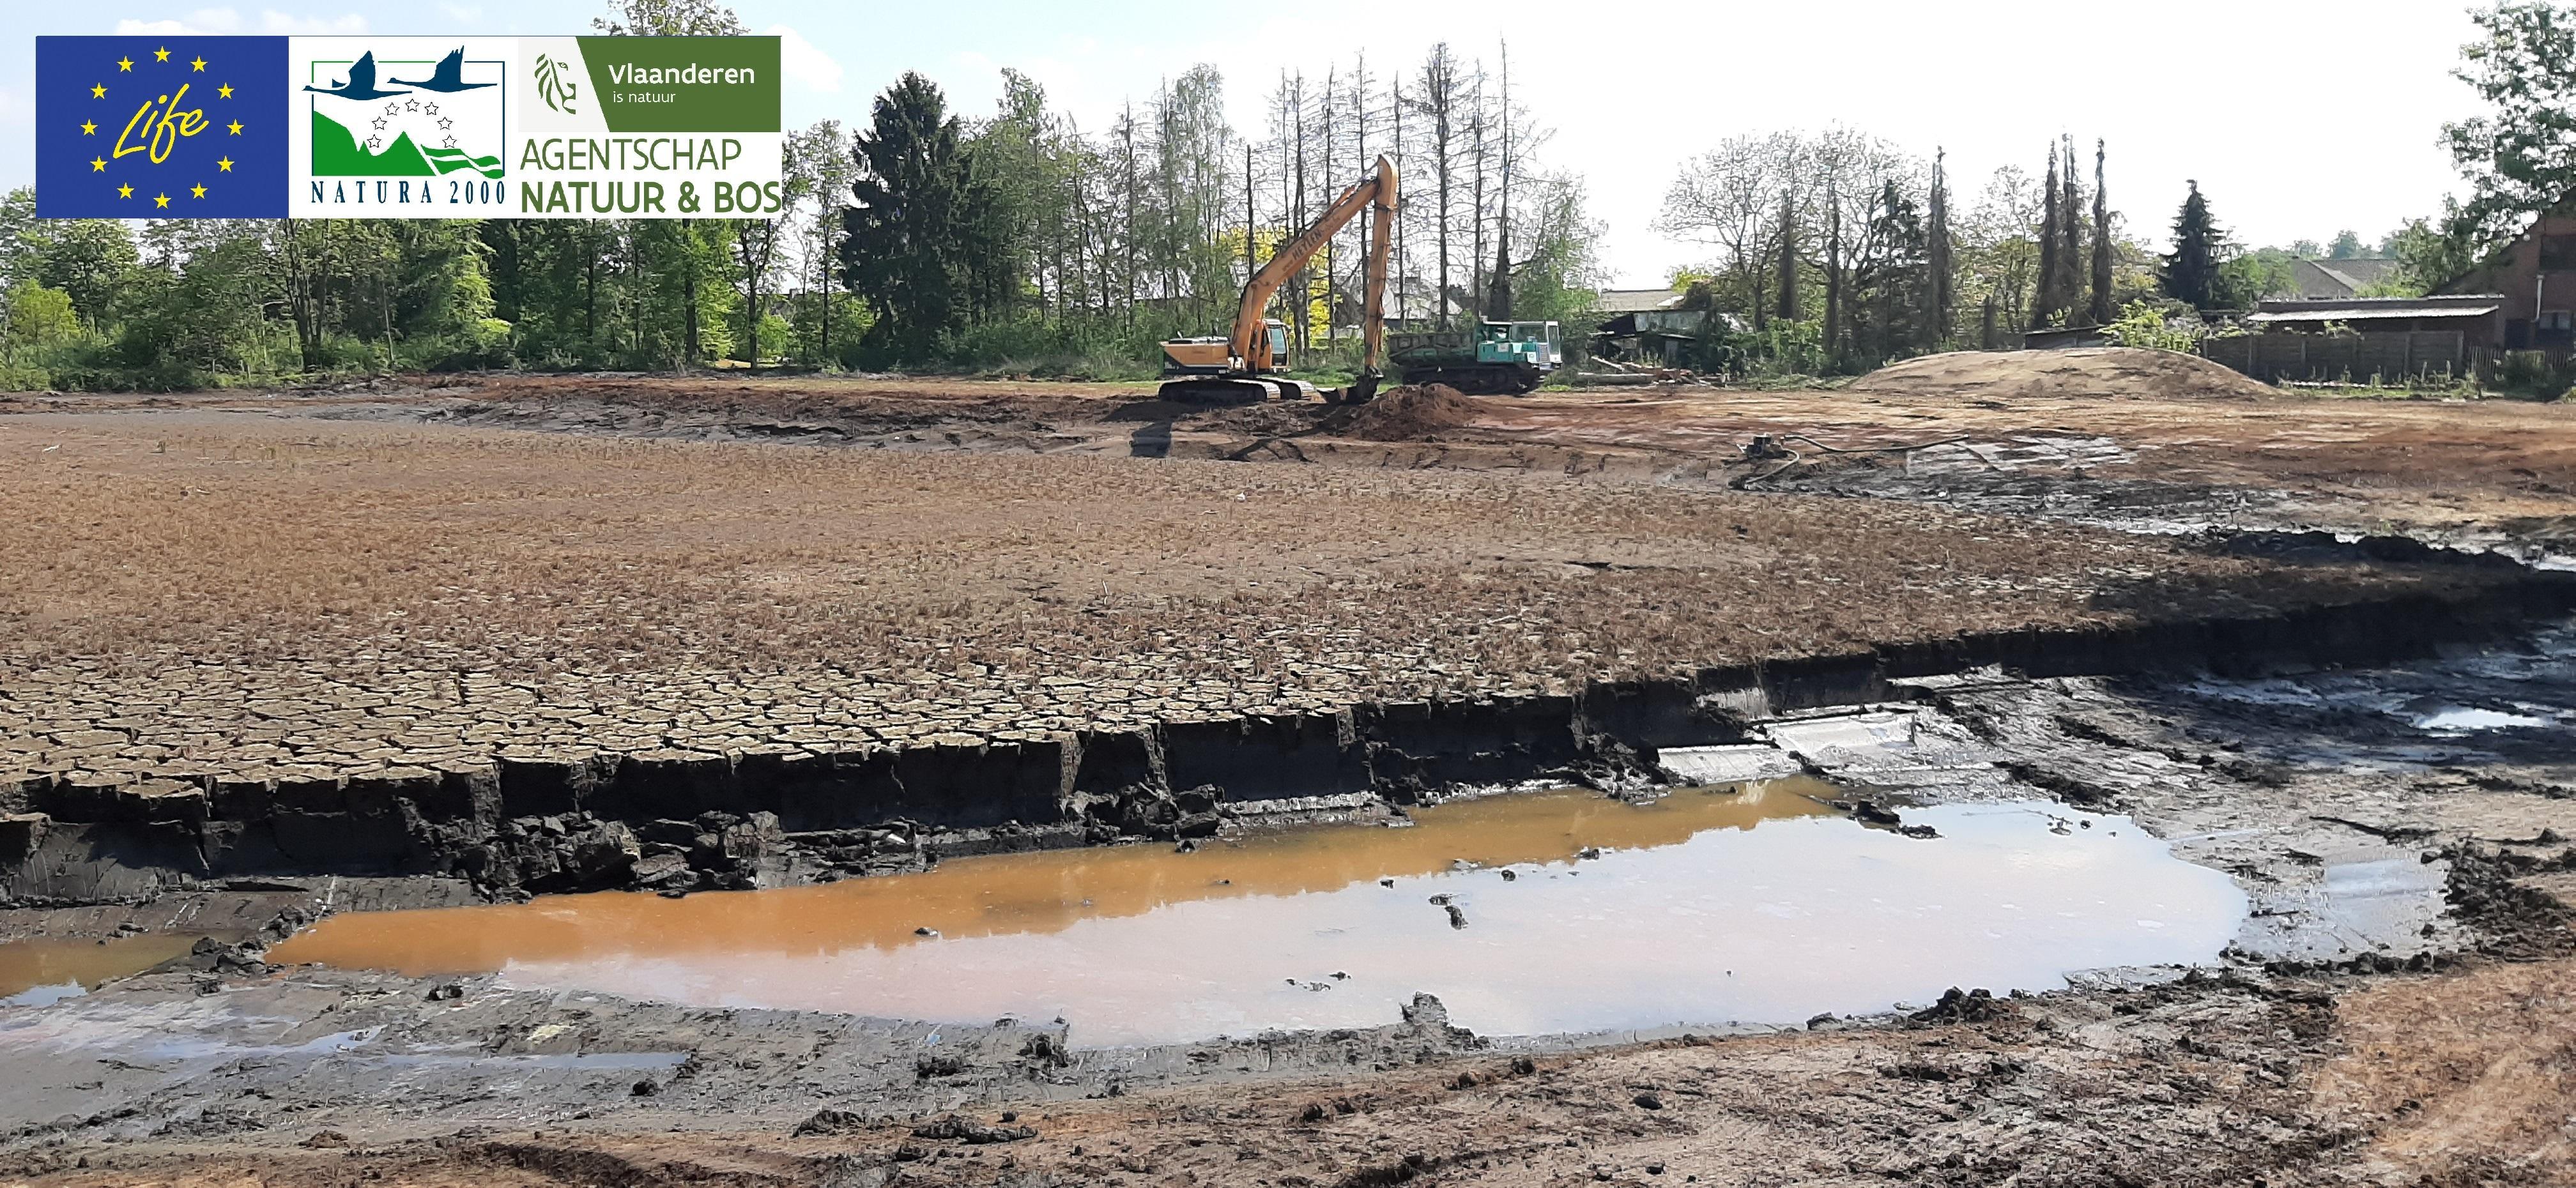 inrichting buitenomgeving site watermolen Bels Broek en Heide